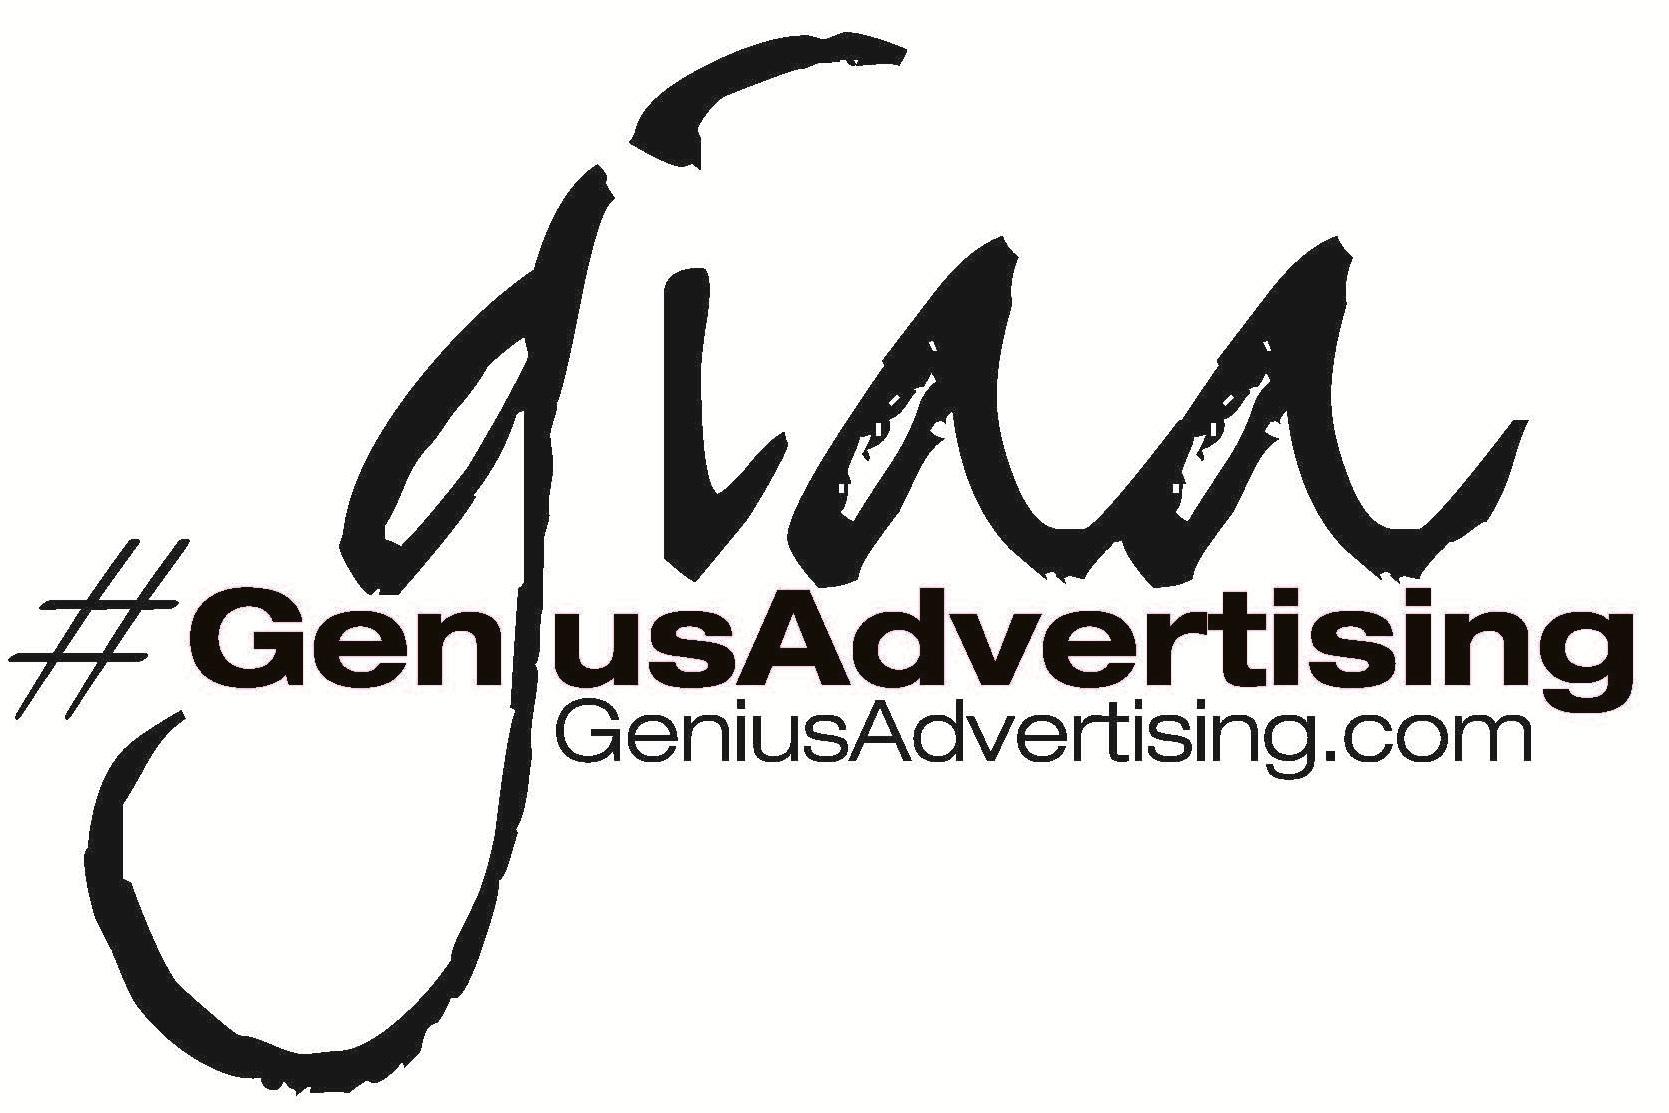 GeniusAdvertisingLogo.jpg